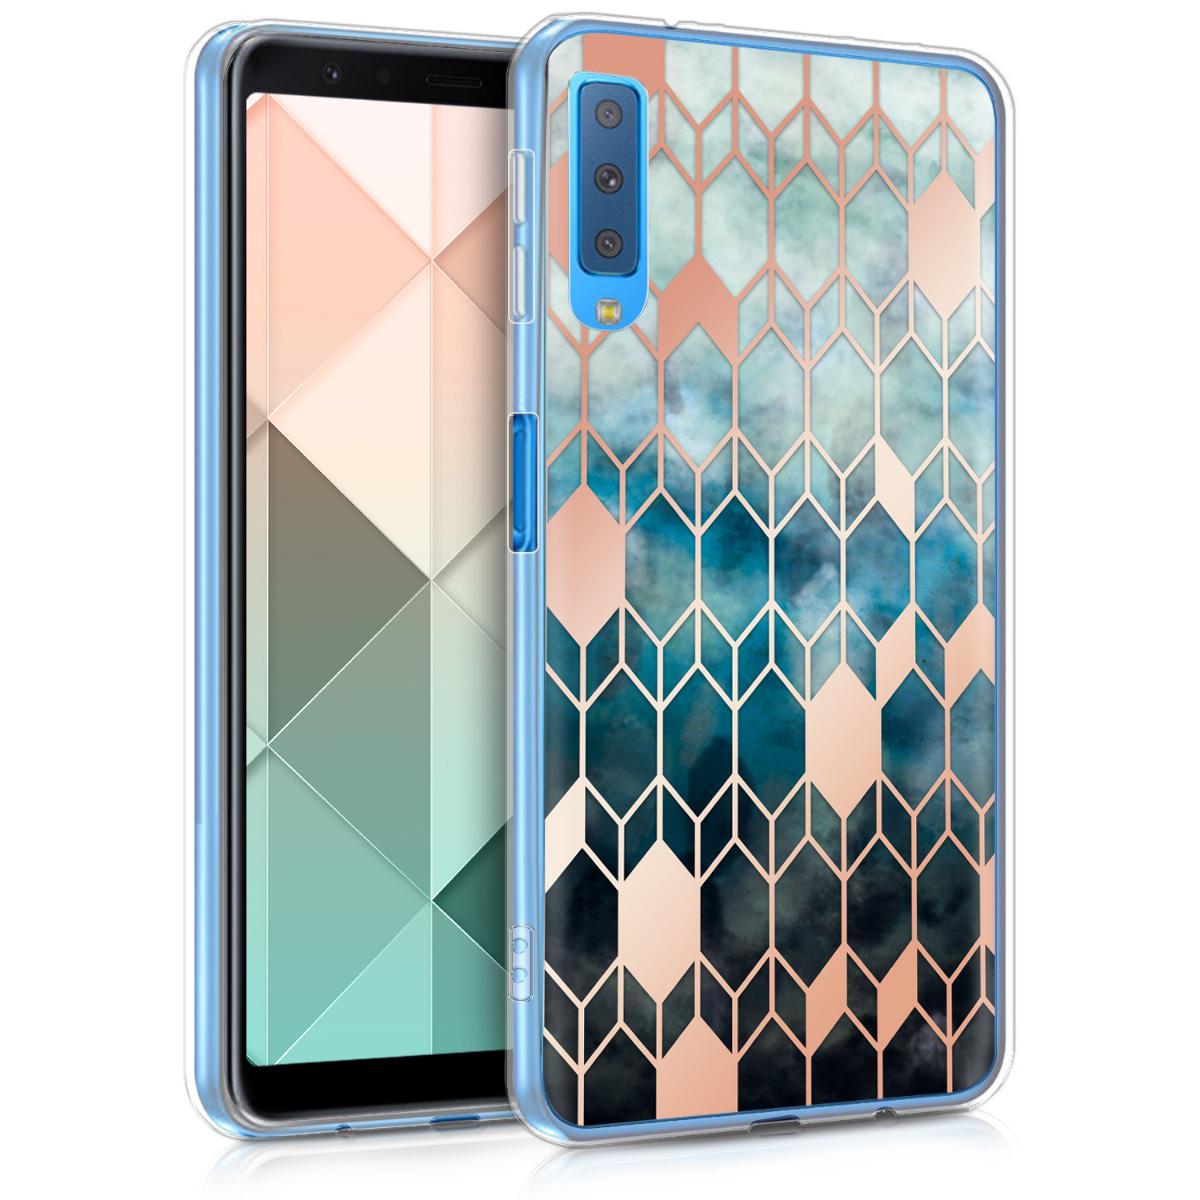 KW Θήκη Σιλικόνης Samsung Galaxy A7 2018 - Blue / Rose Gold (46429.02)